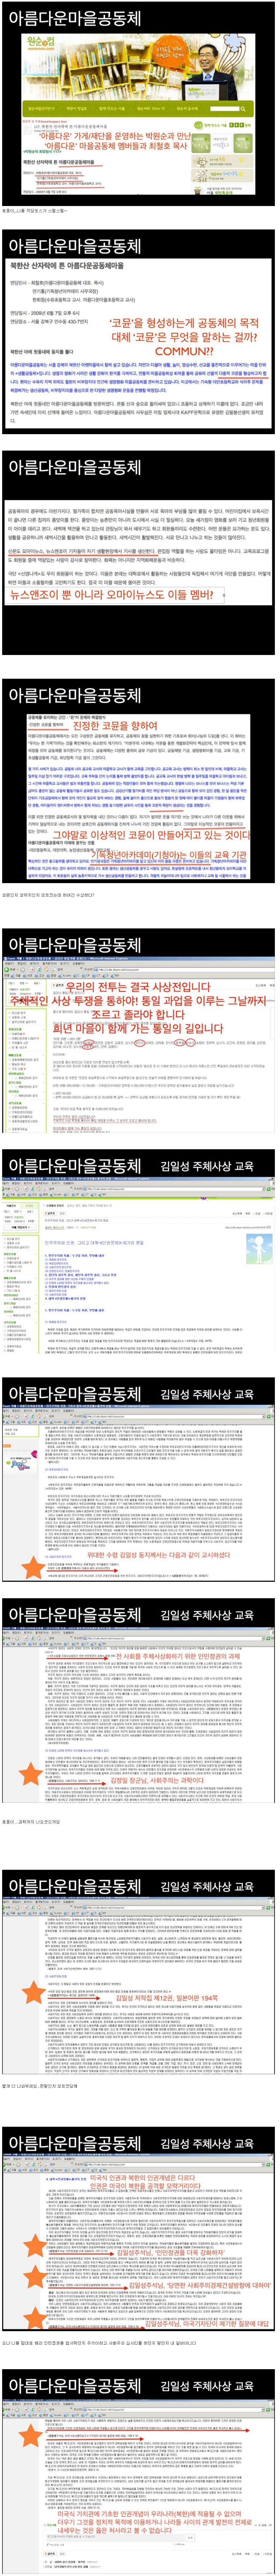 박원순 서울시의 아름다운마을공동체 의 흔한교육자료